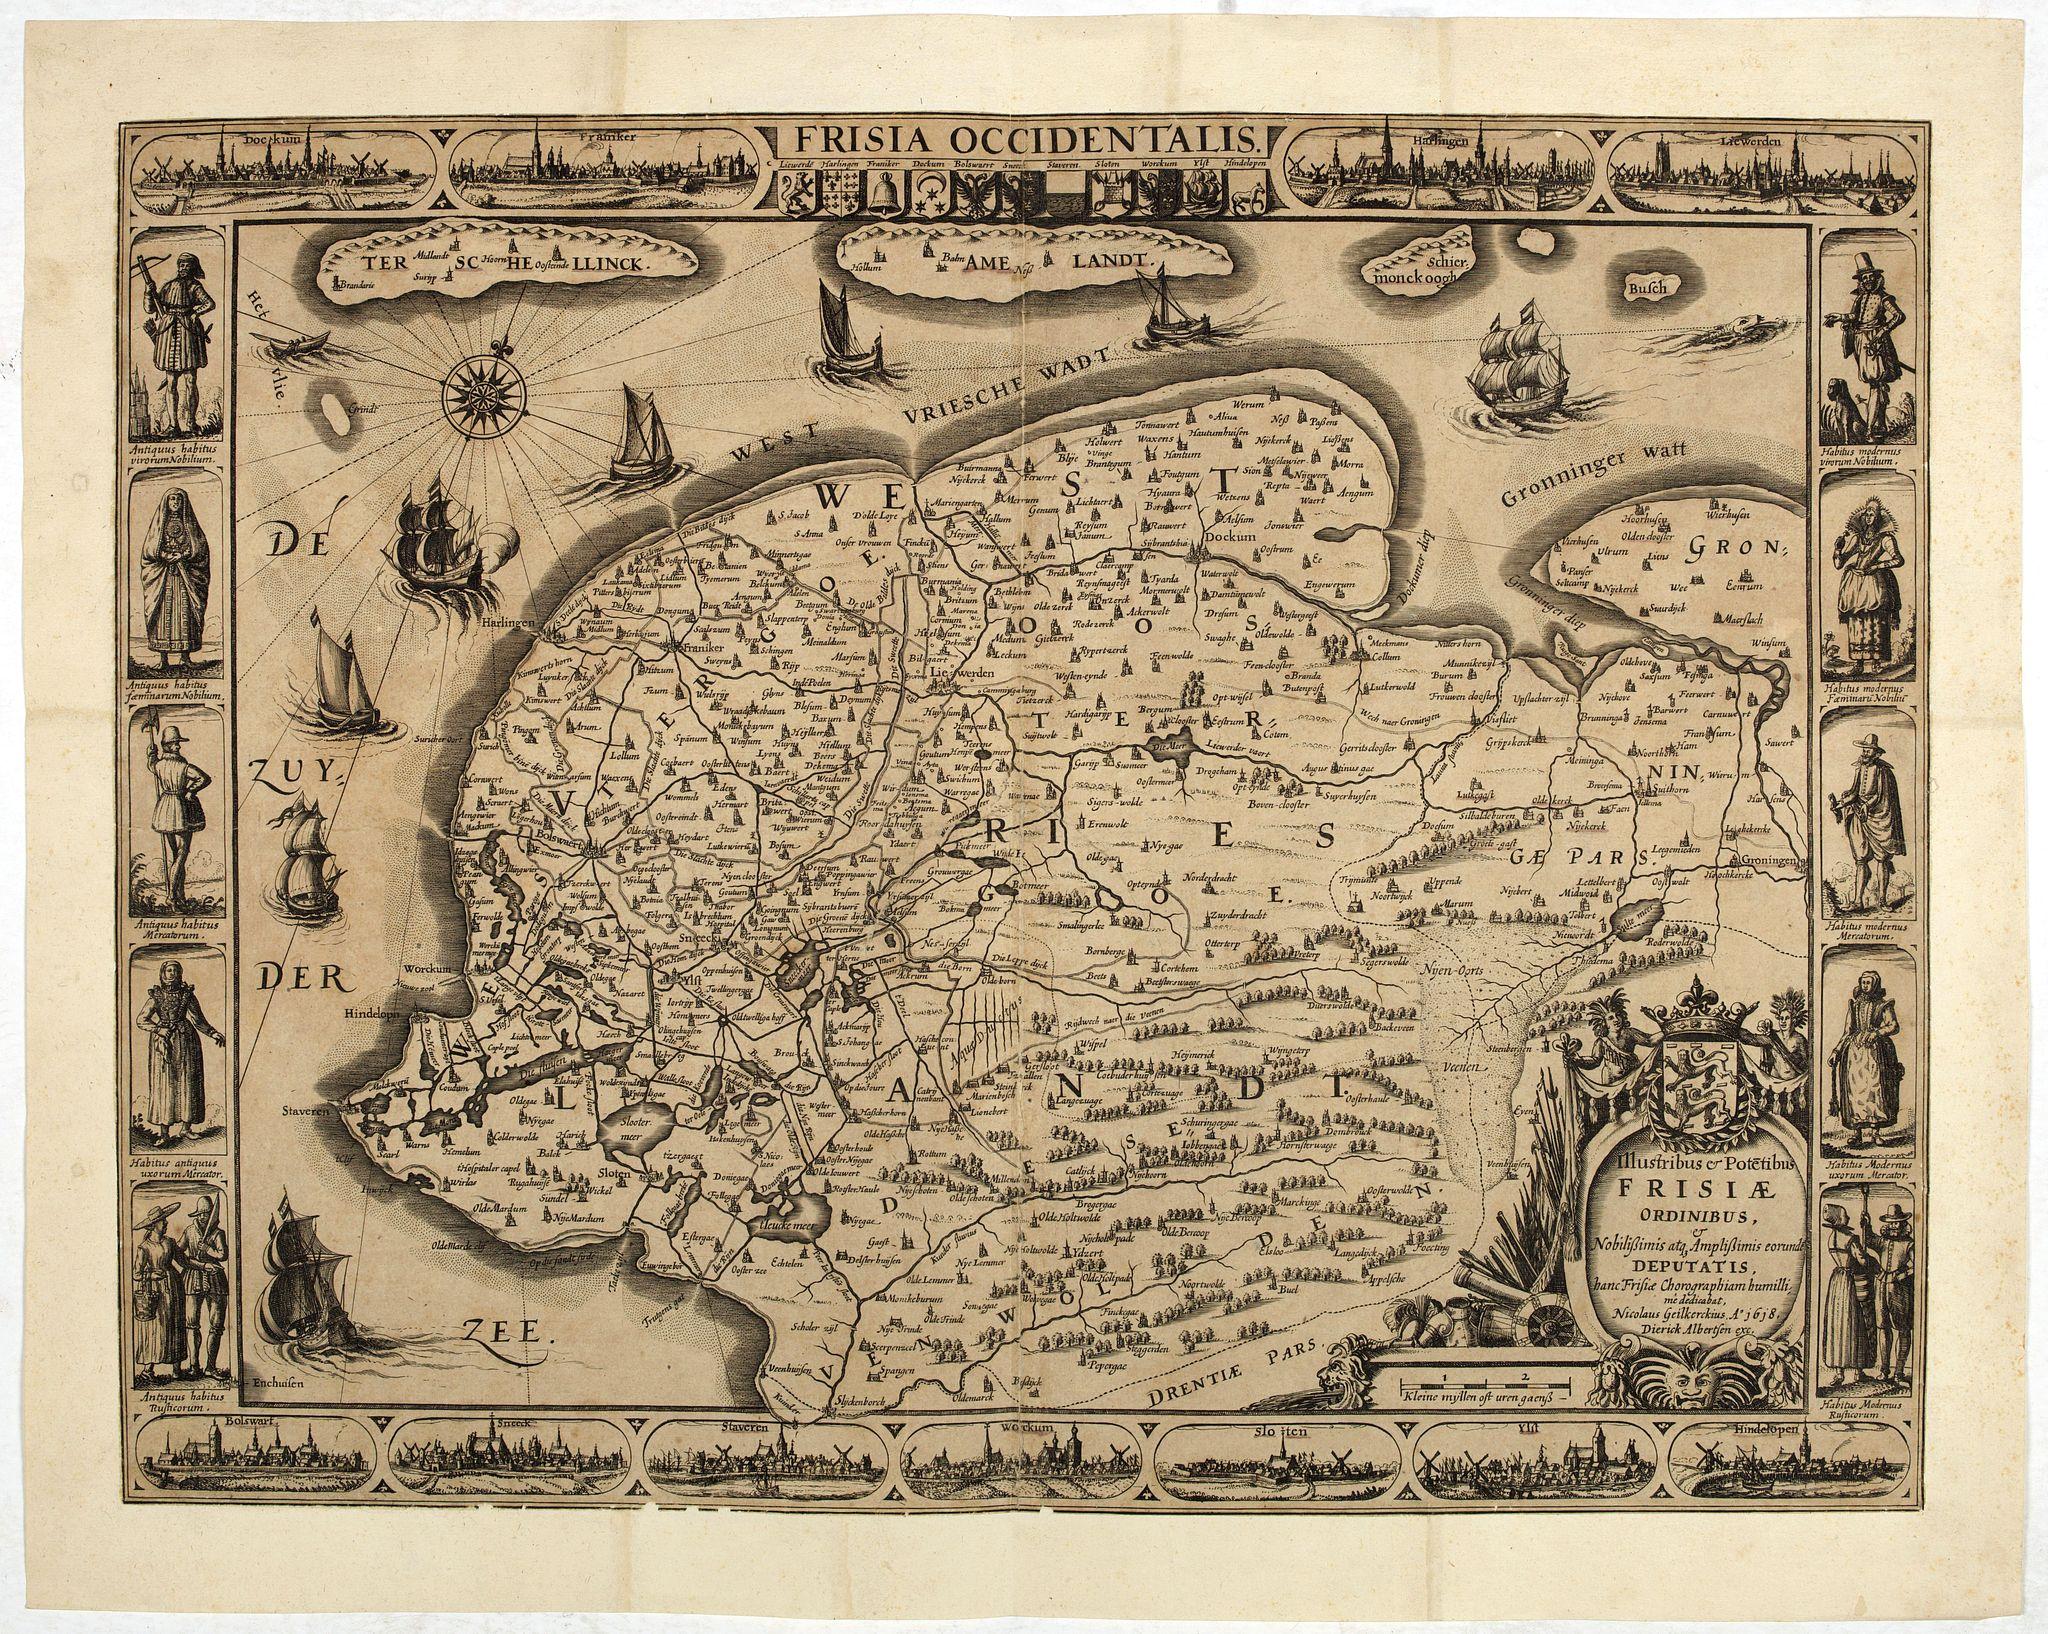 GEELKERCKEN, Nicolaes van. -  Frisia occidentalis.